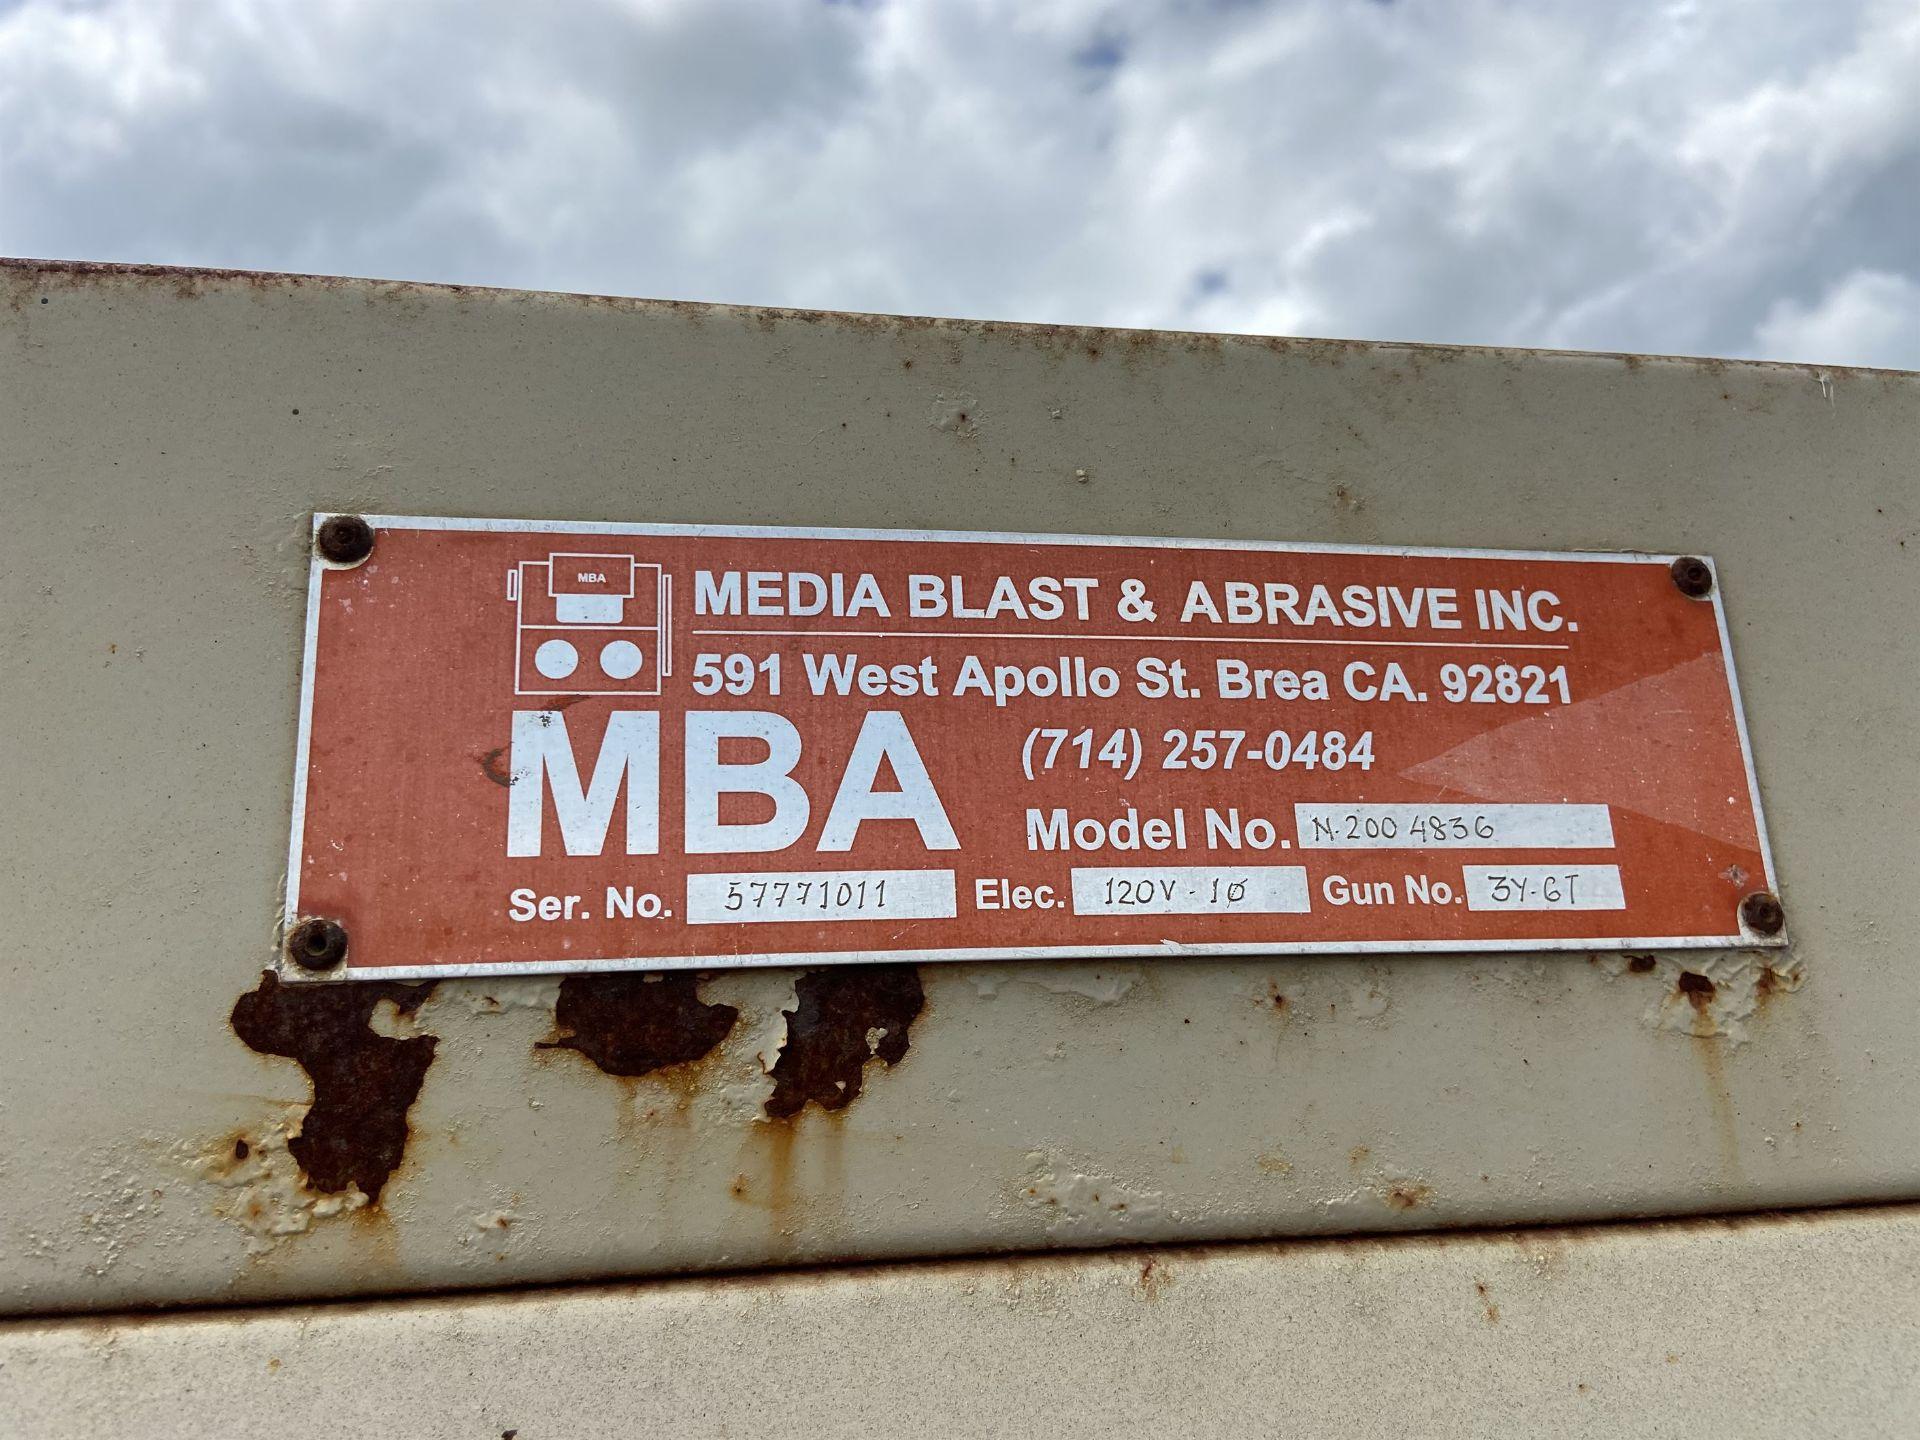 MBA Model N2004836 Blast Cabinet s/n 57771011 - Image 2 of 3